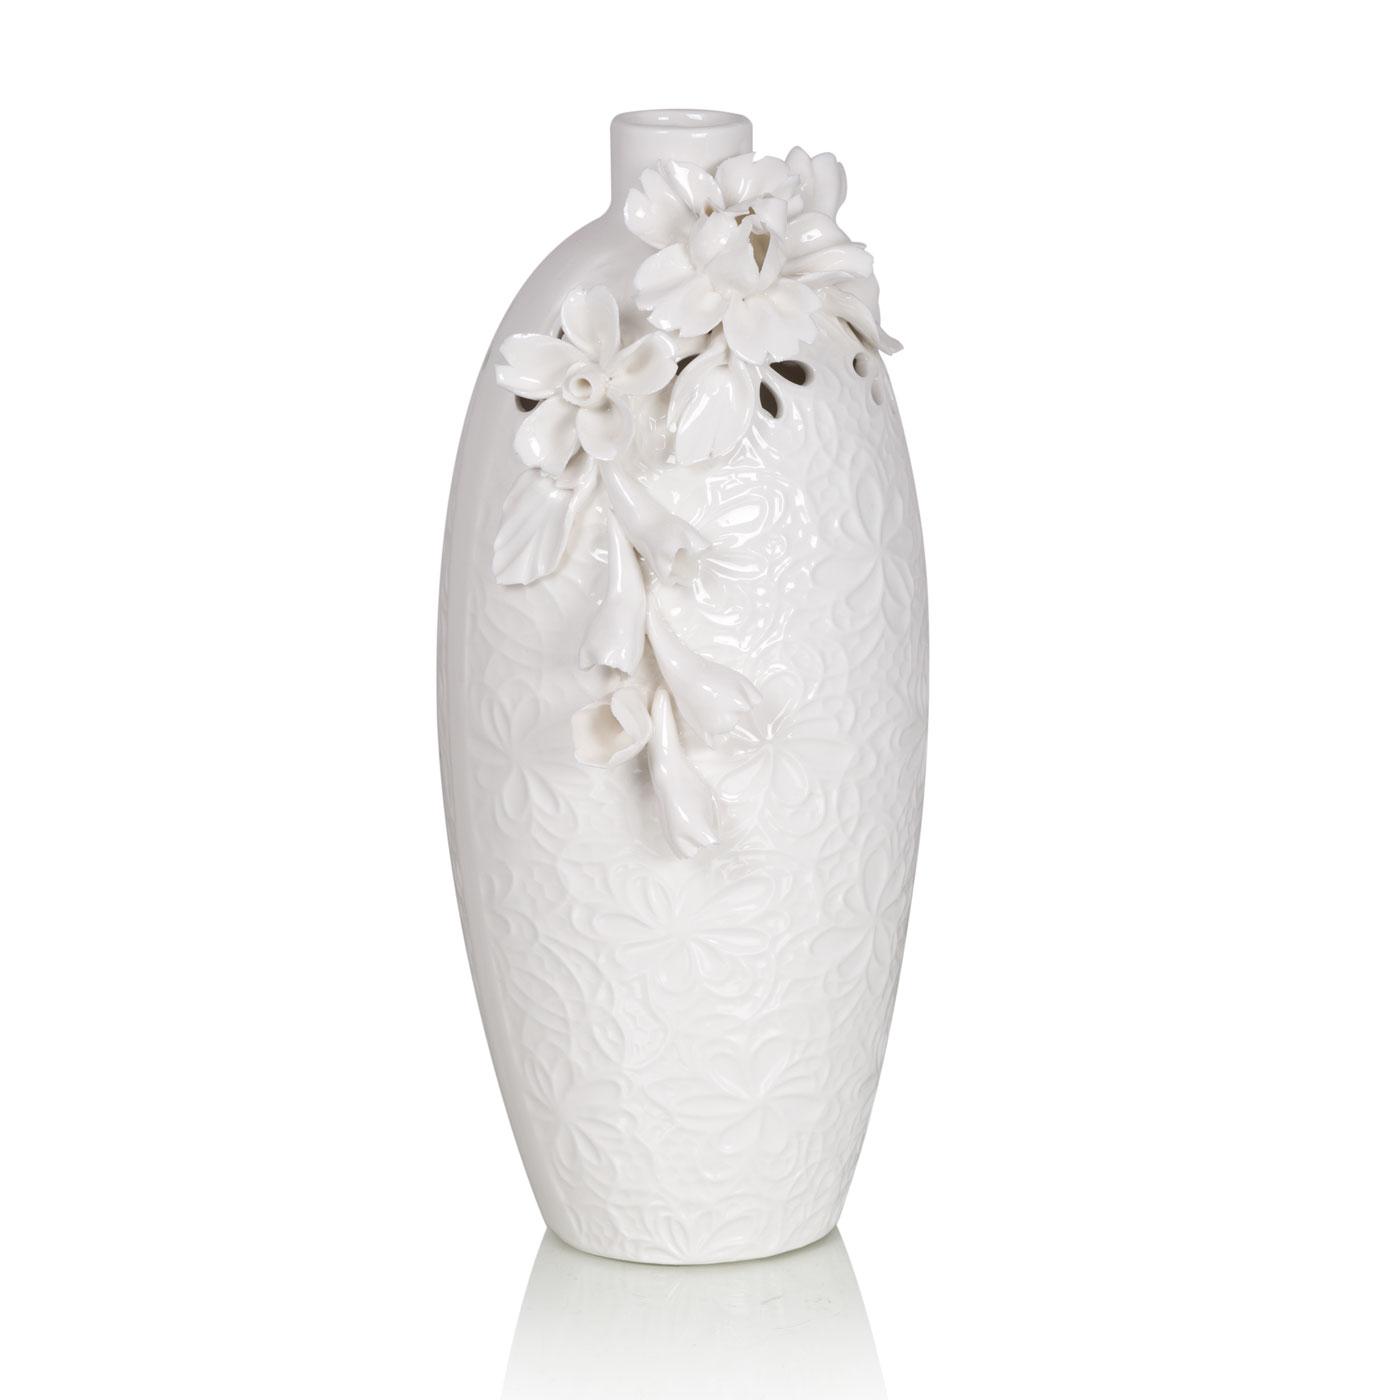 Купить Вазы Home Philosophy, Ваза Daniella Цвет: Белый (12х25 см), Китай, Керамика